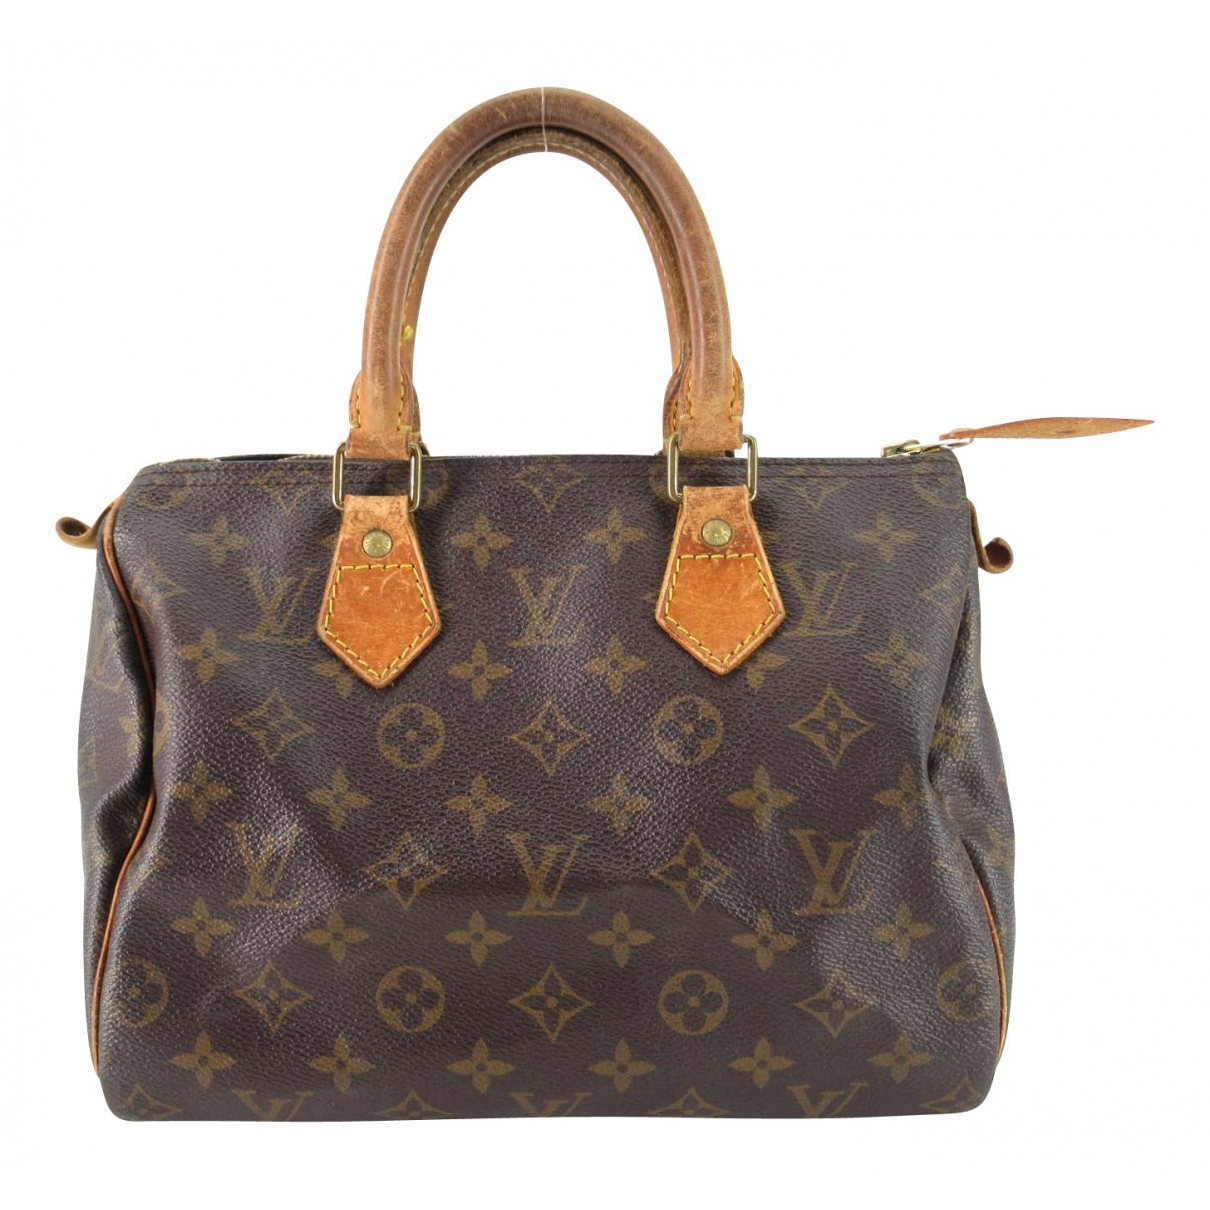 Louis Vuitton Nano Speedy / Mini HL Brown Cloth handbag for Women N